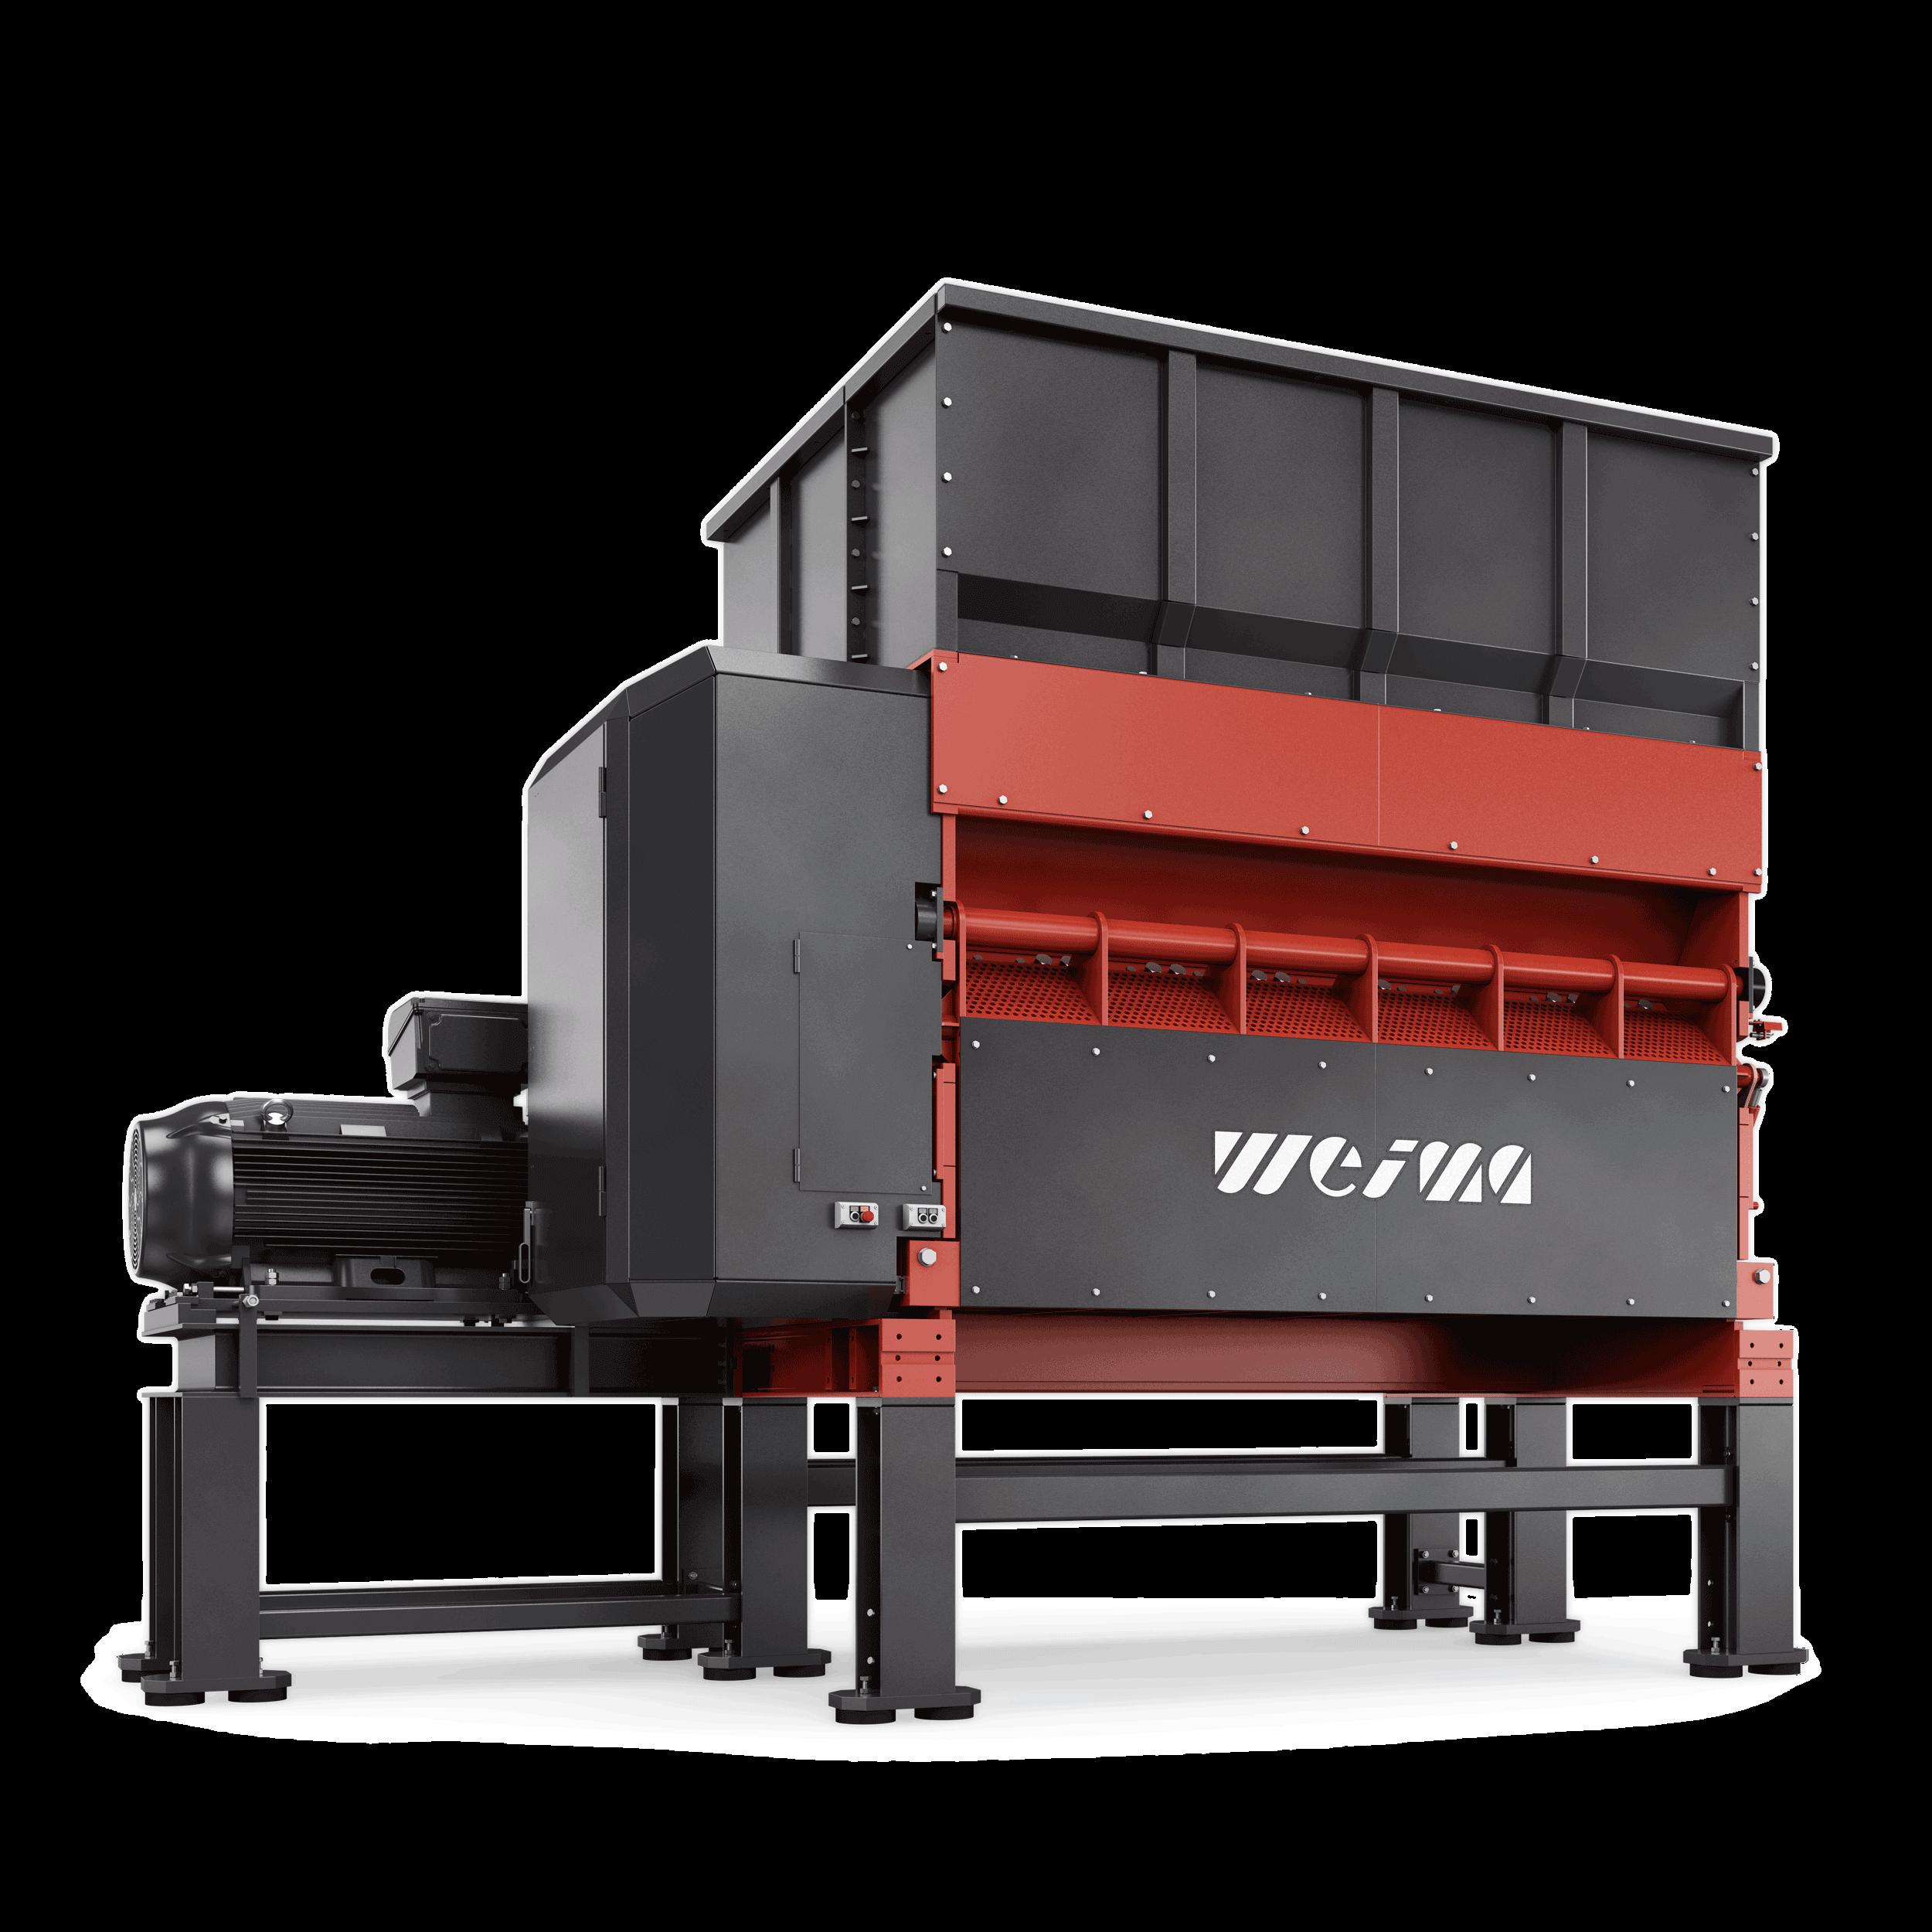 WEIMA FineCut 3000 single-shaft shredder